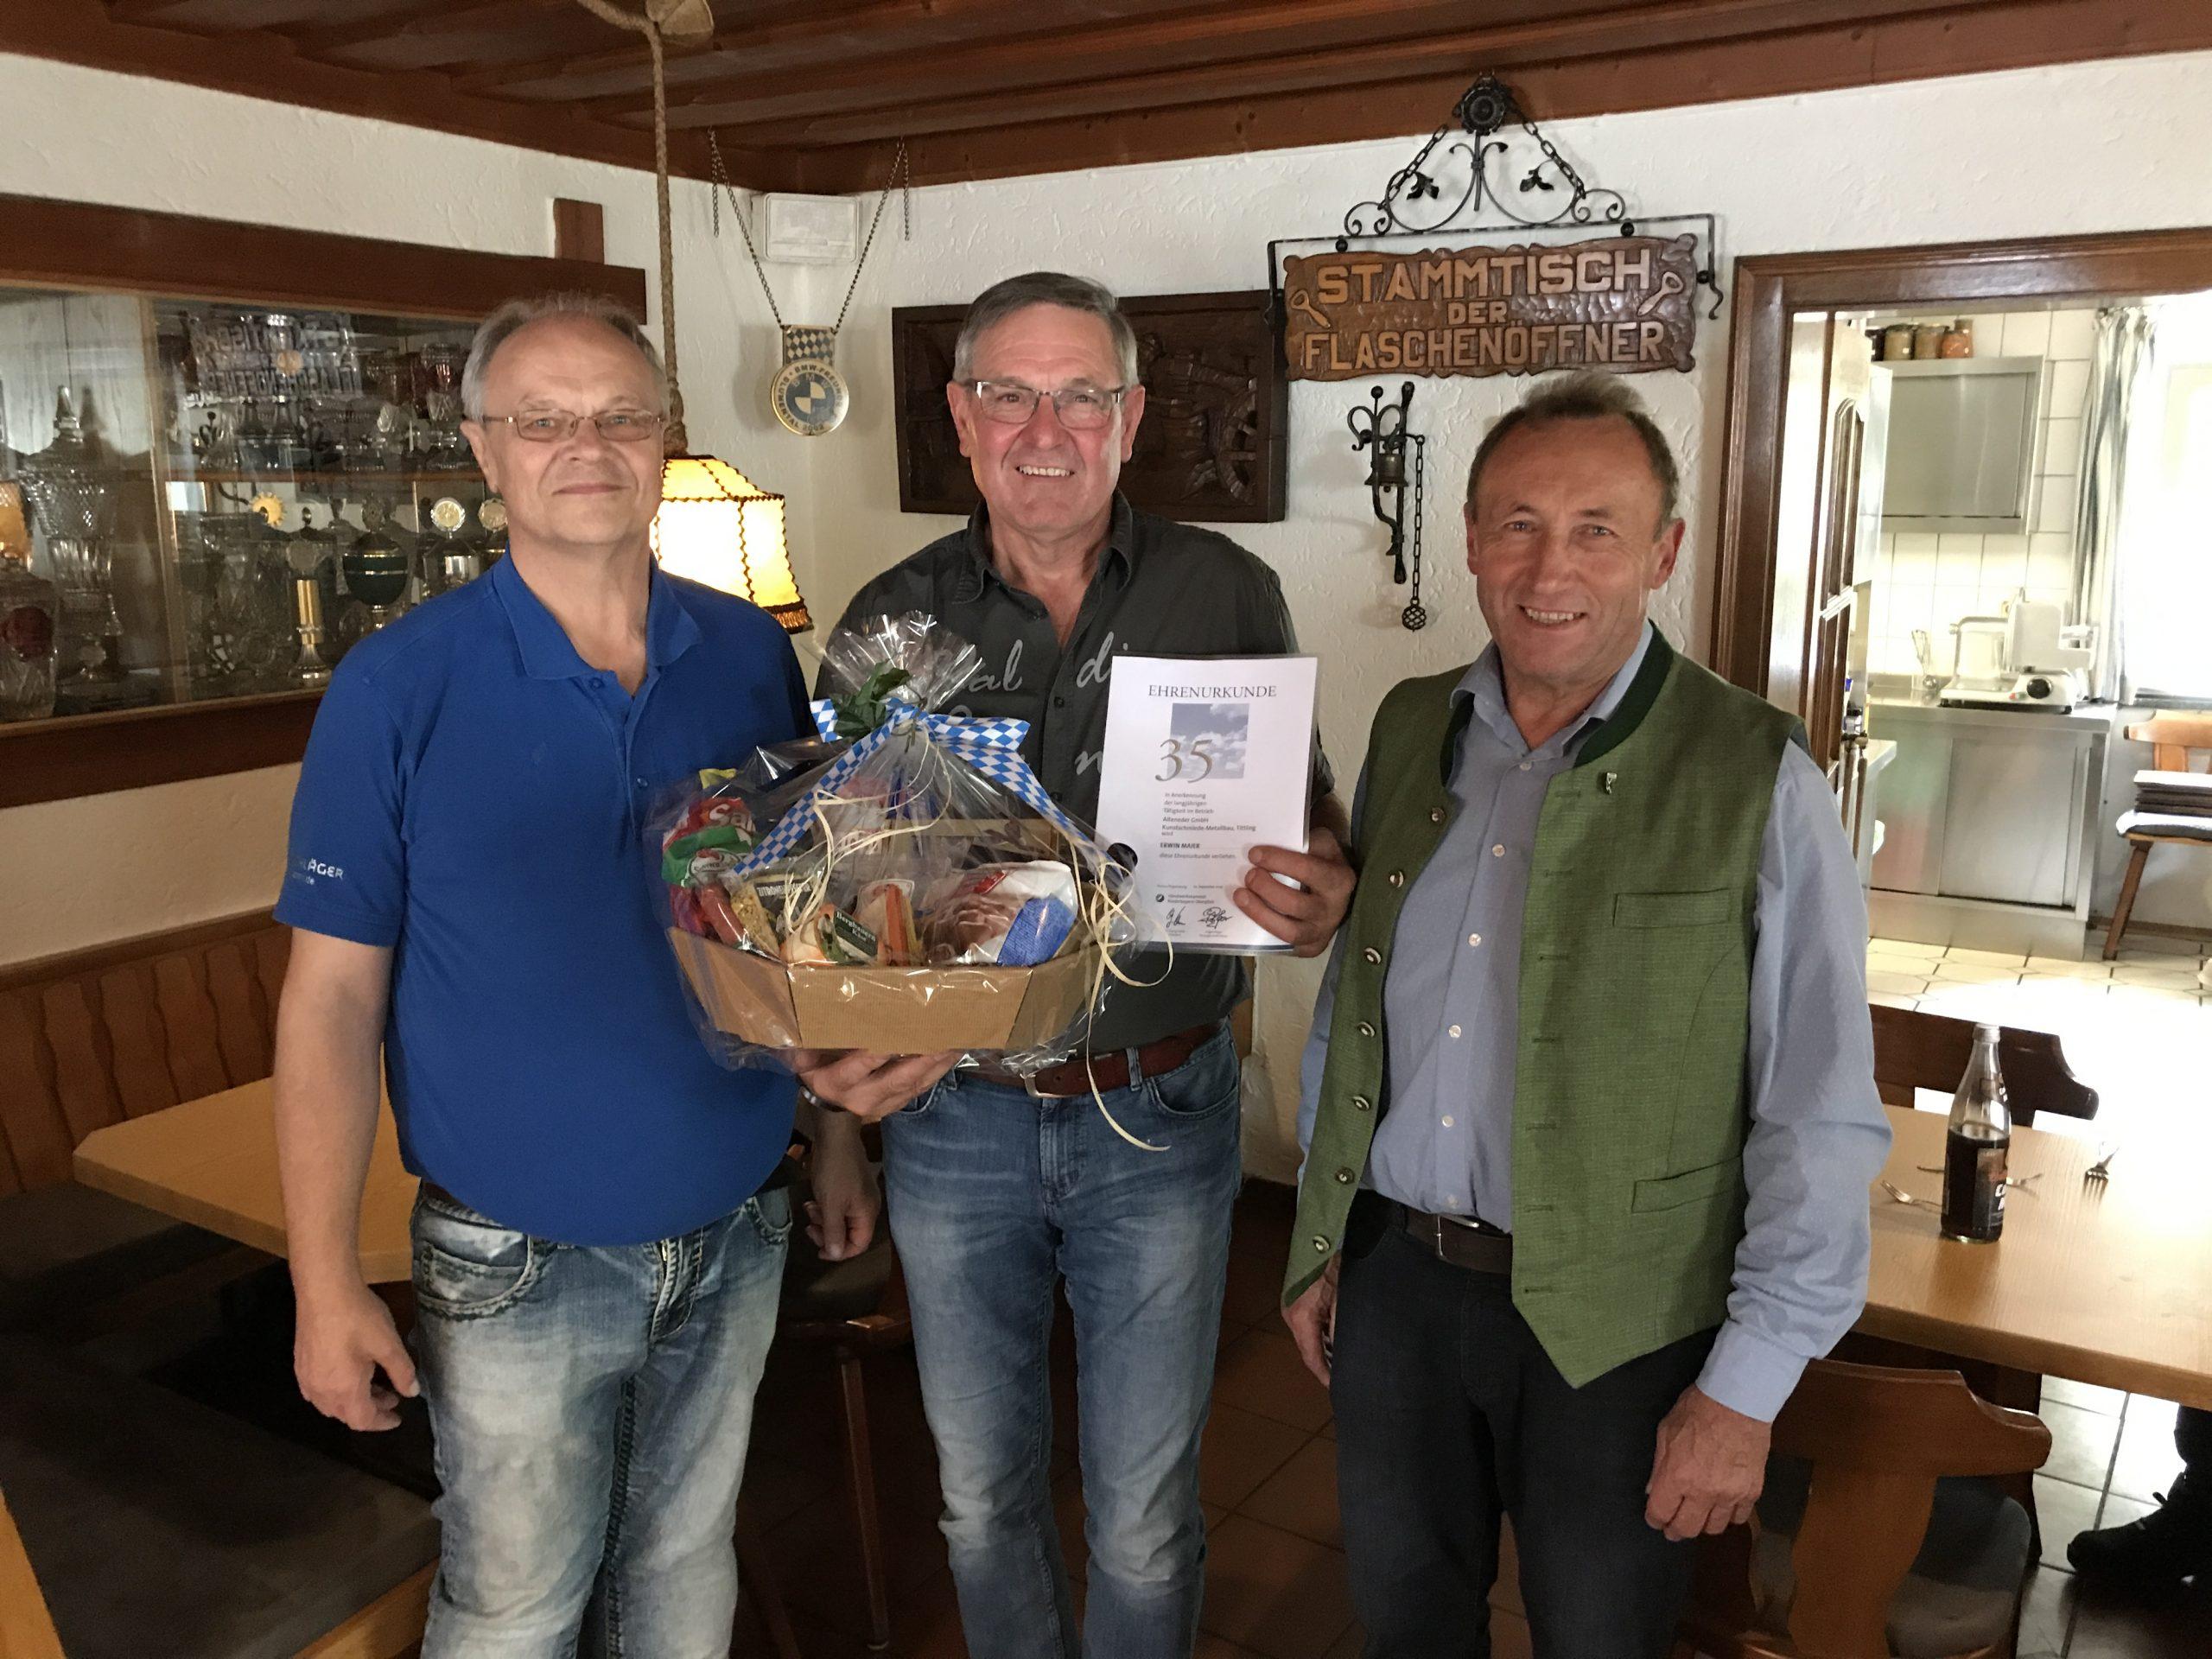 Kunstschmiede Alteneder Betriebsjubiläum für 33 Jahre Betriebstreue im Jahr 2019